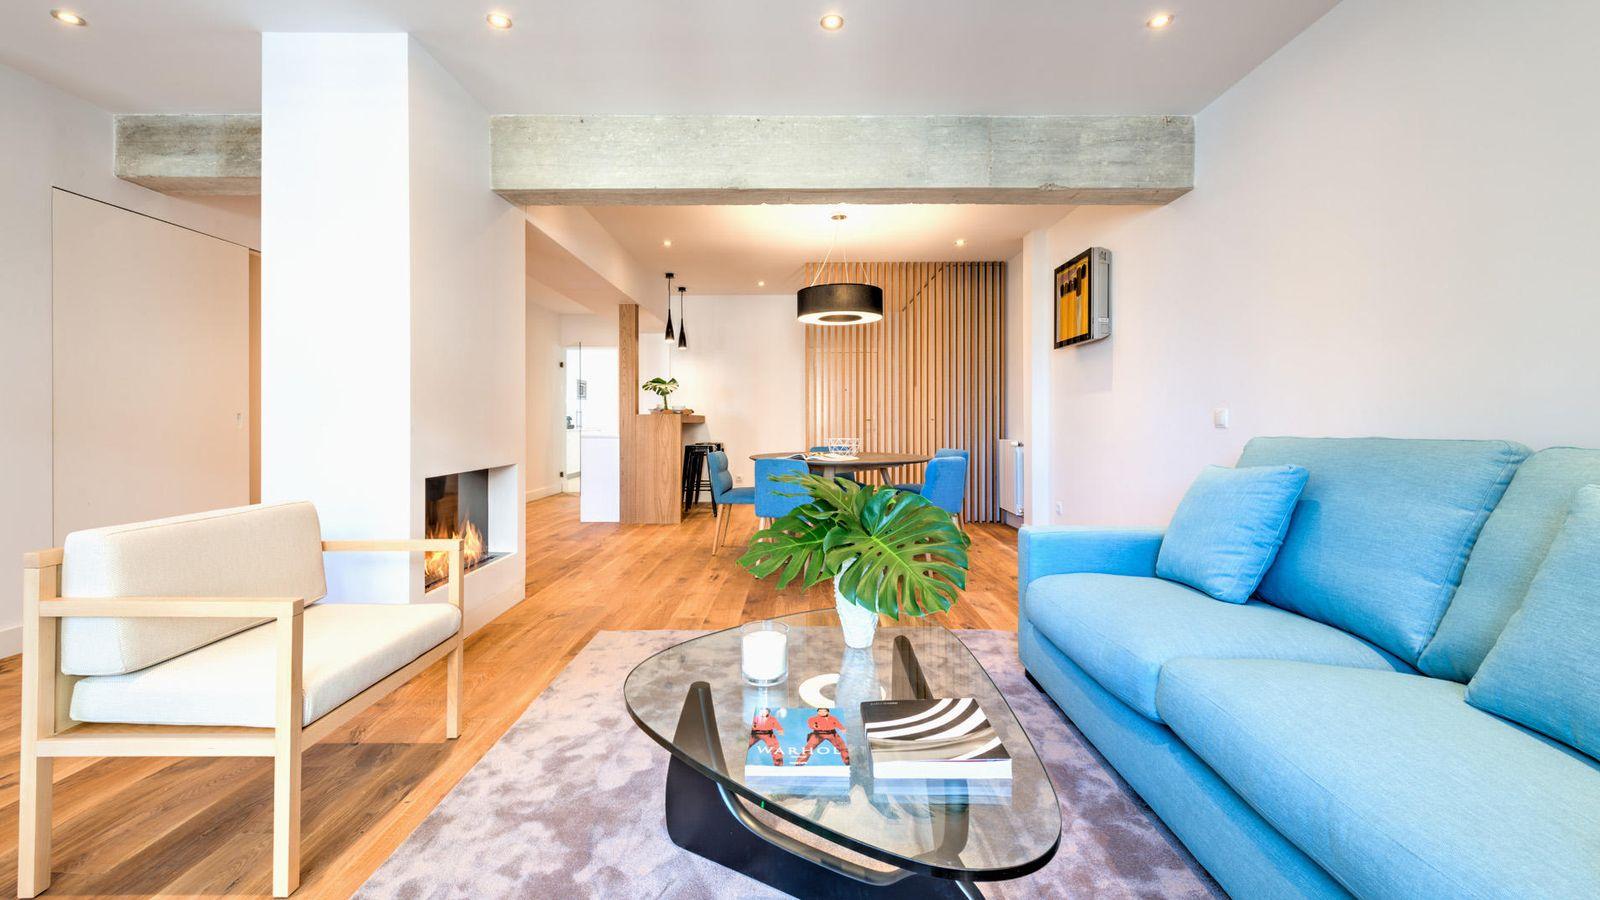 Precio reforma integral piso 60 metros cool precio - Precio reforma integral piso 80 metros madrid ...